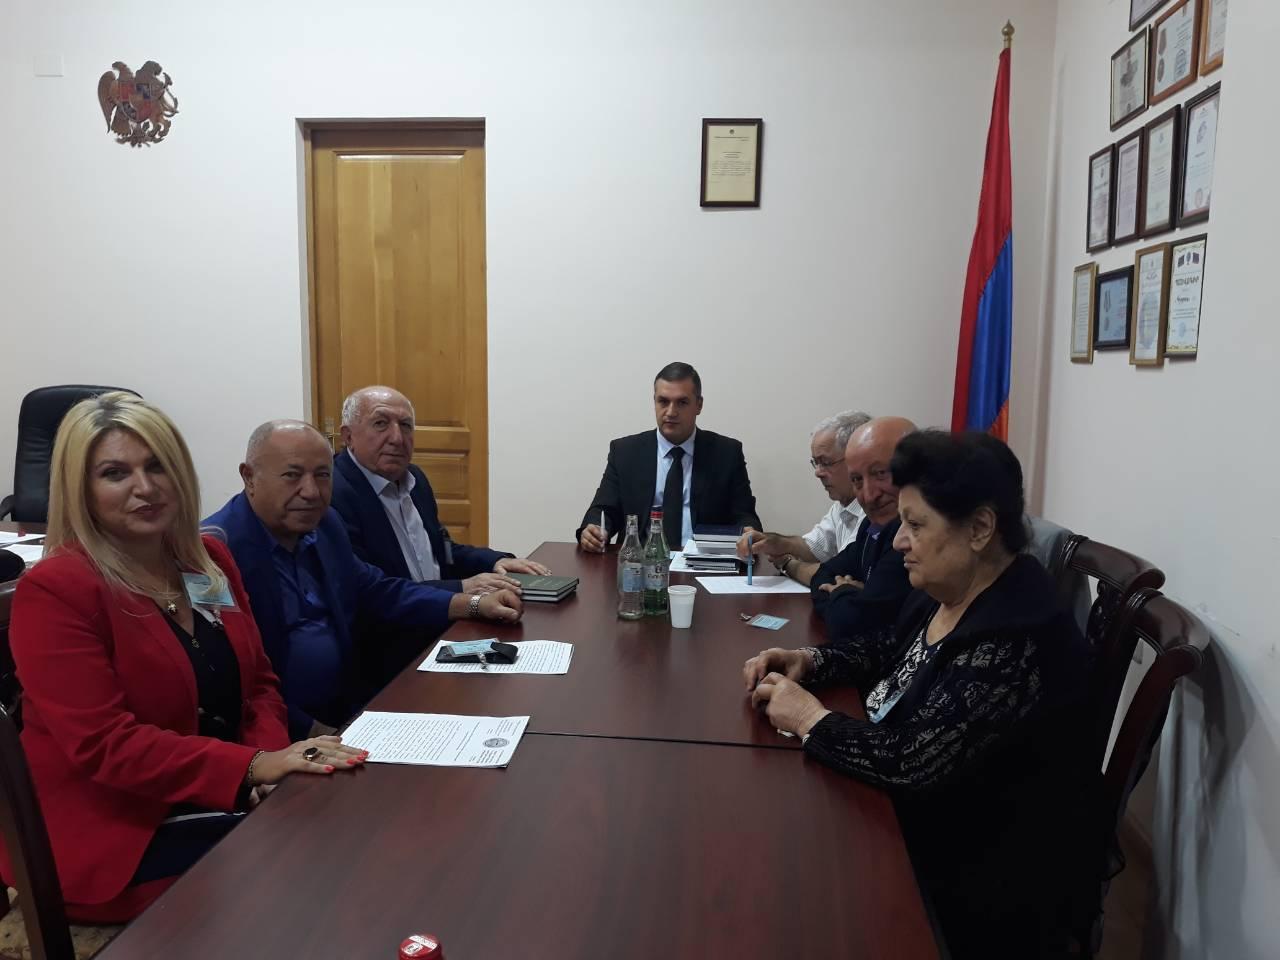 Встреча председателя комиссии Тиграна Уриханяна с ректорами негосударственных аккредитованных вузов